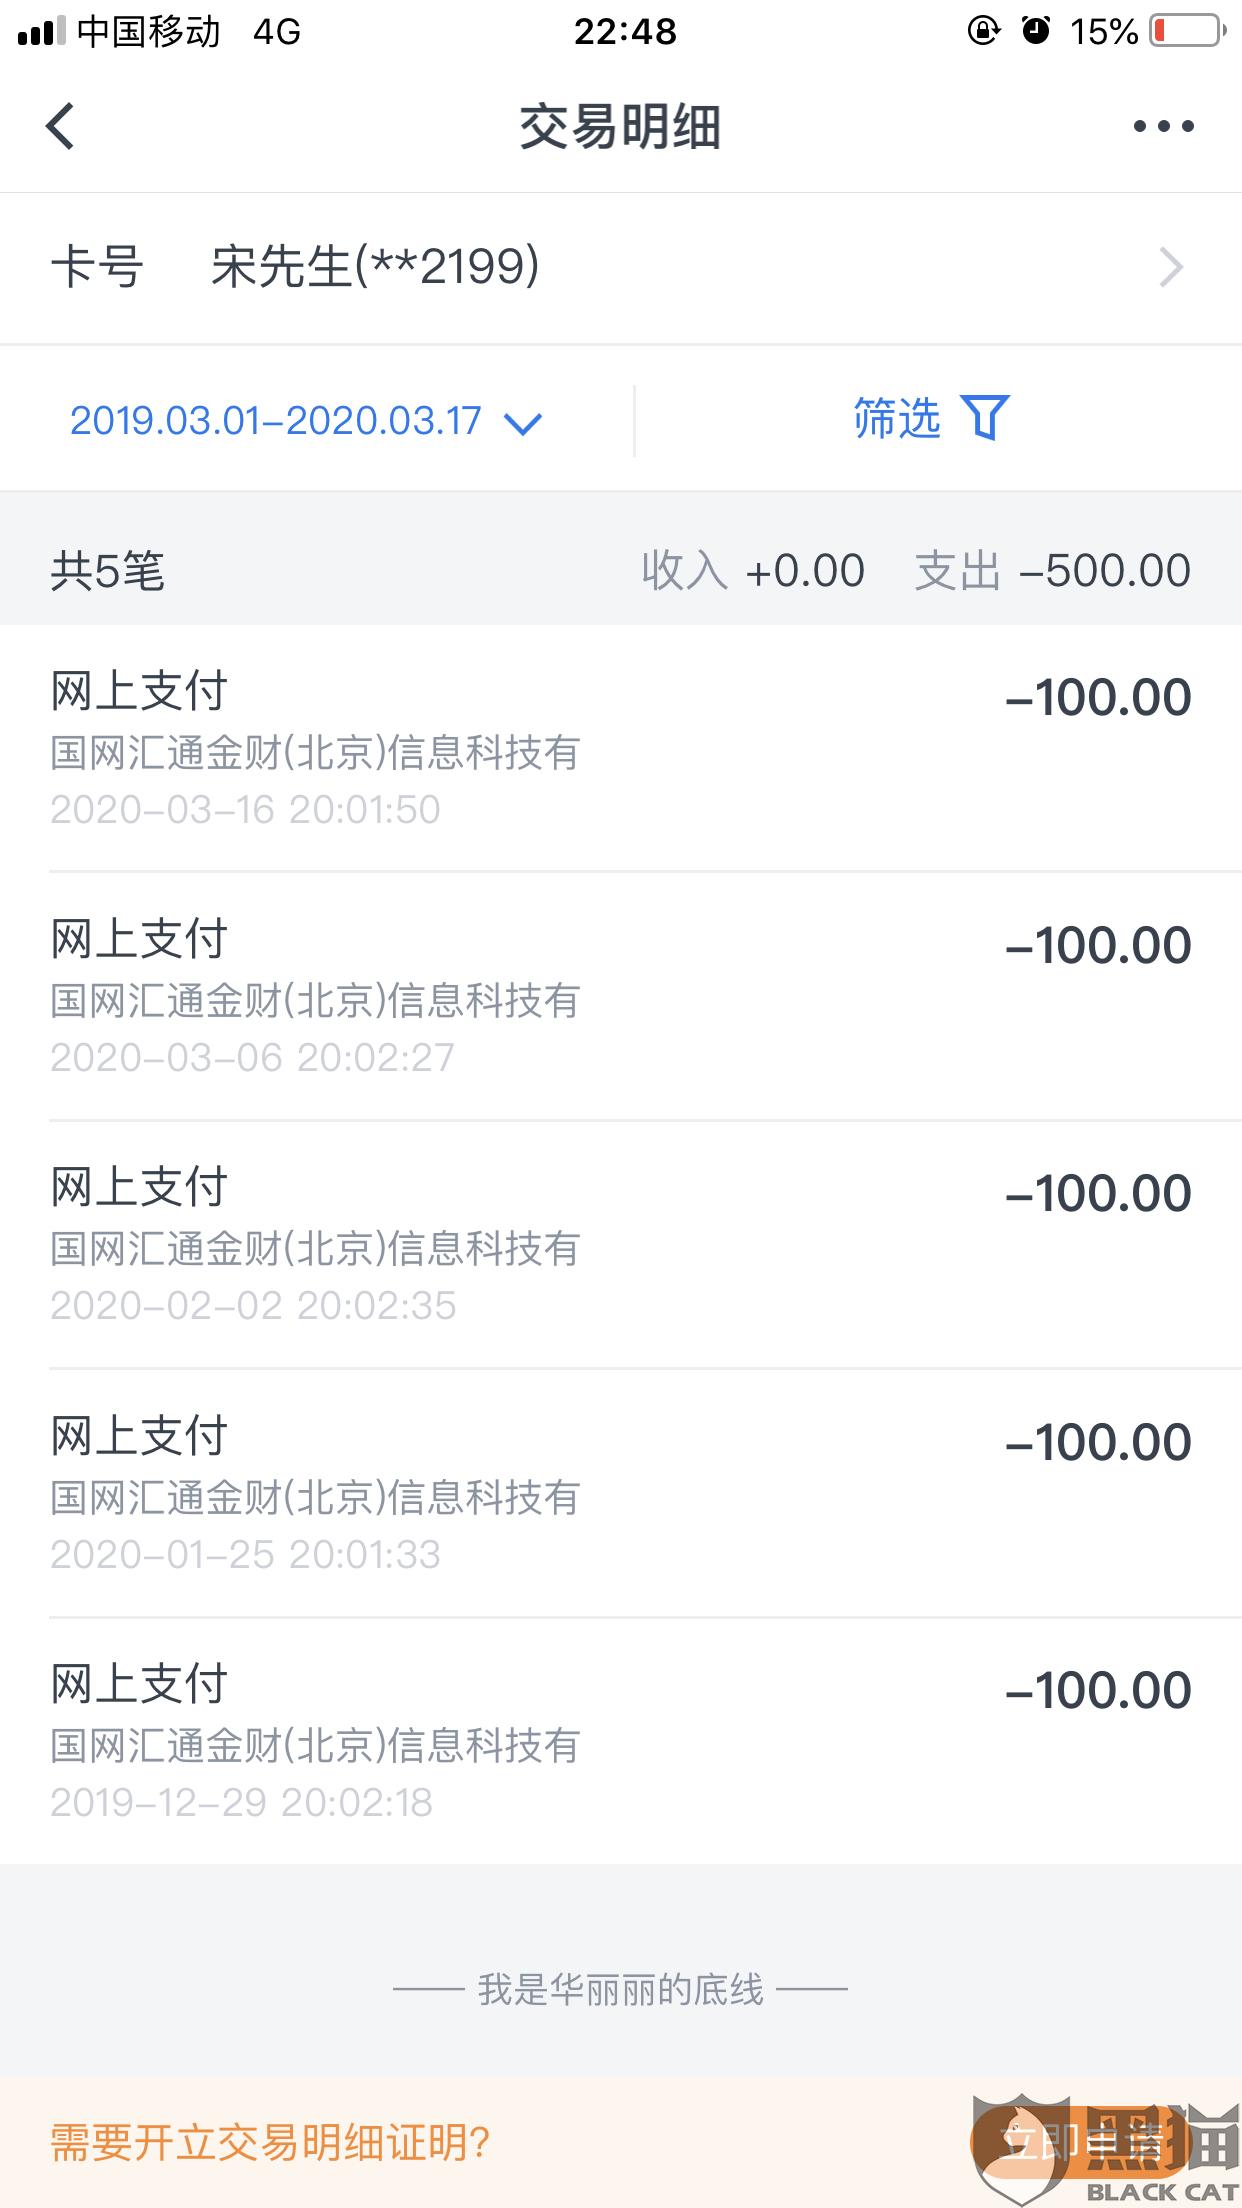 黑猫投诉:本人在不知情的情况被扣款 国网汇通金财(北京)信息有限公司